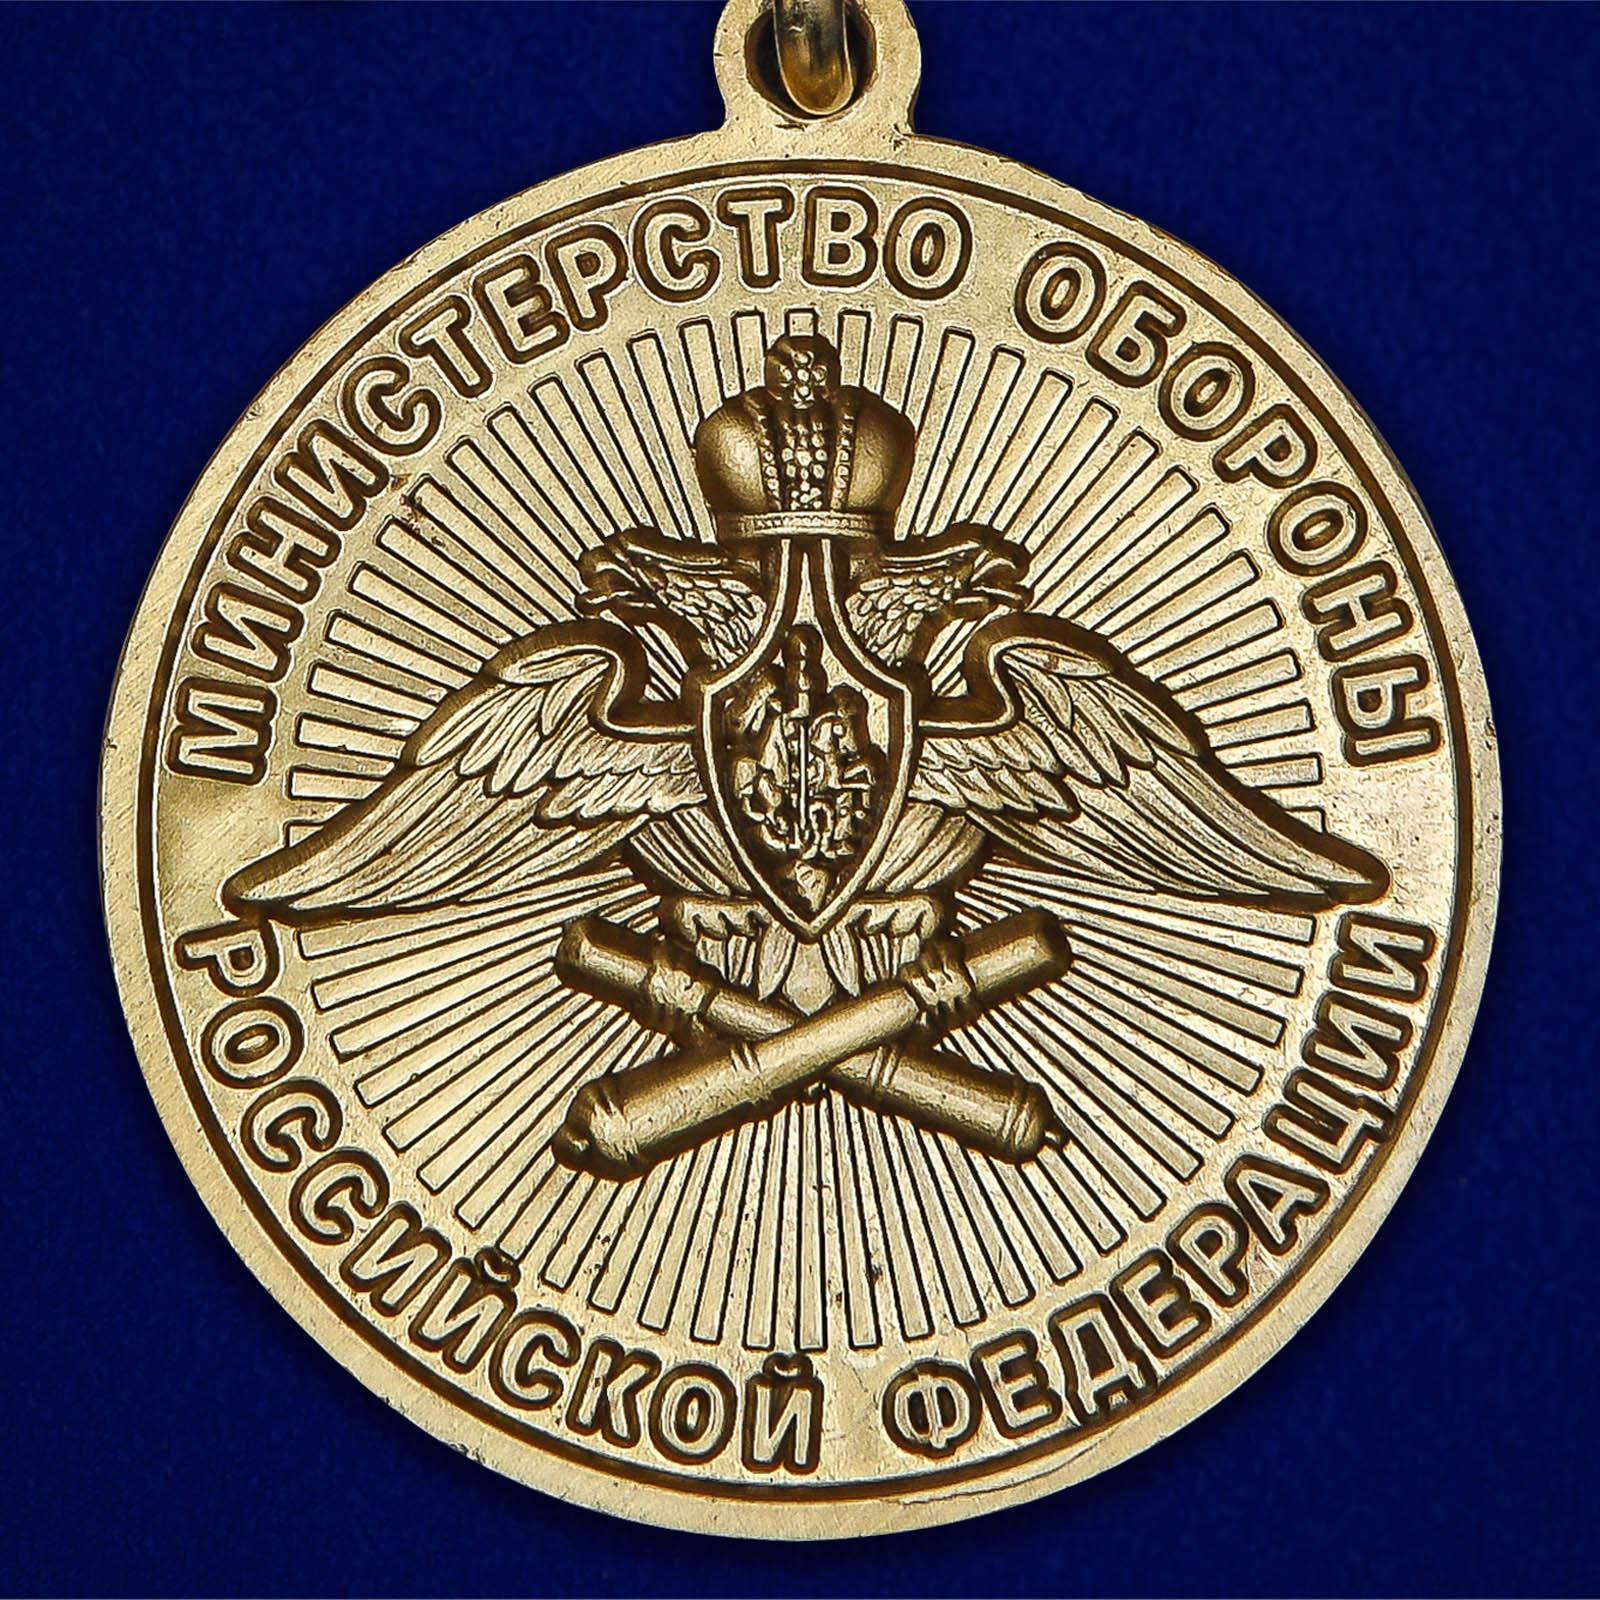 """Памятная медаль """"За службу в артиллерийской разведке"""" - в розницу и оптом"""